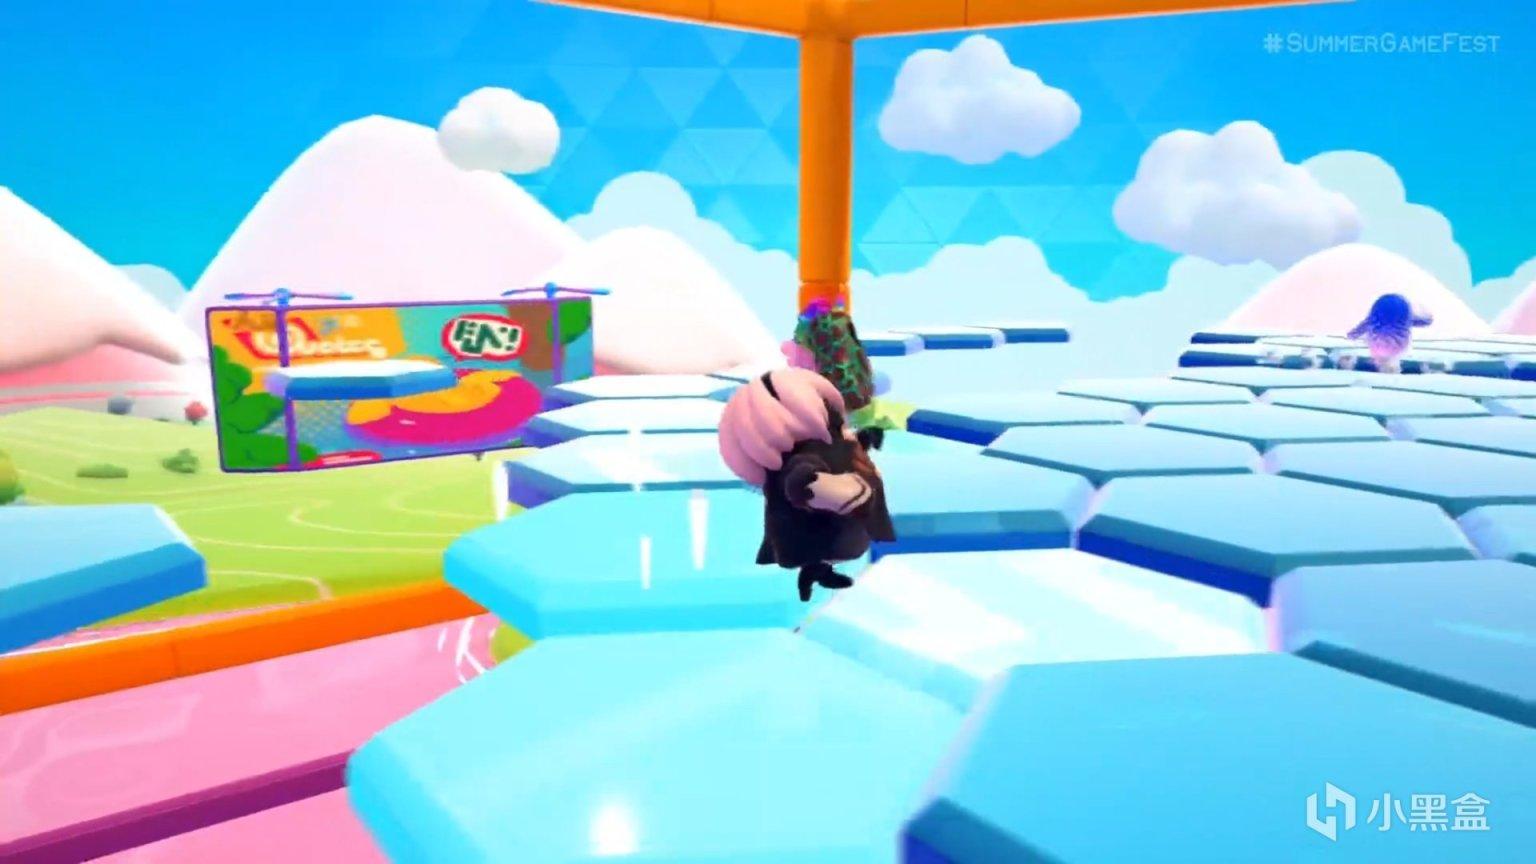 E3夏季游戏节:《糖豆人 终极淘汰赛》联动《尼尔》,6月18日上线